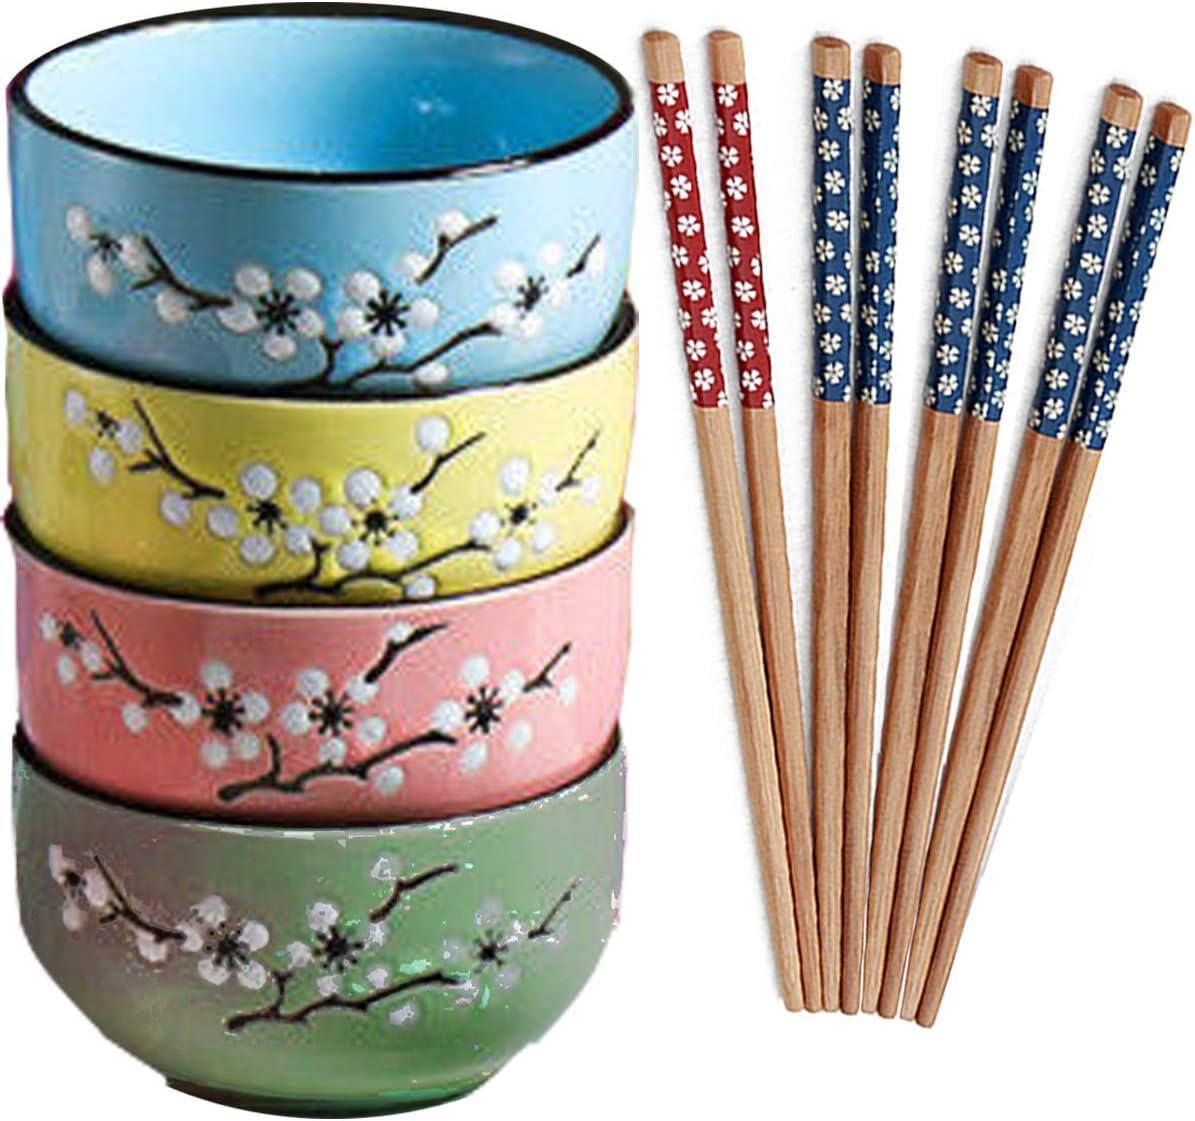 Fadaar Juego de 4 Multicolor Cuencos de cerámica, Cuencos de Cereales en Porcelana con 4 x par de Palillos para Desayuno Sopa Cereales Pasta Aperitivo (Rosa)